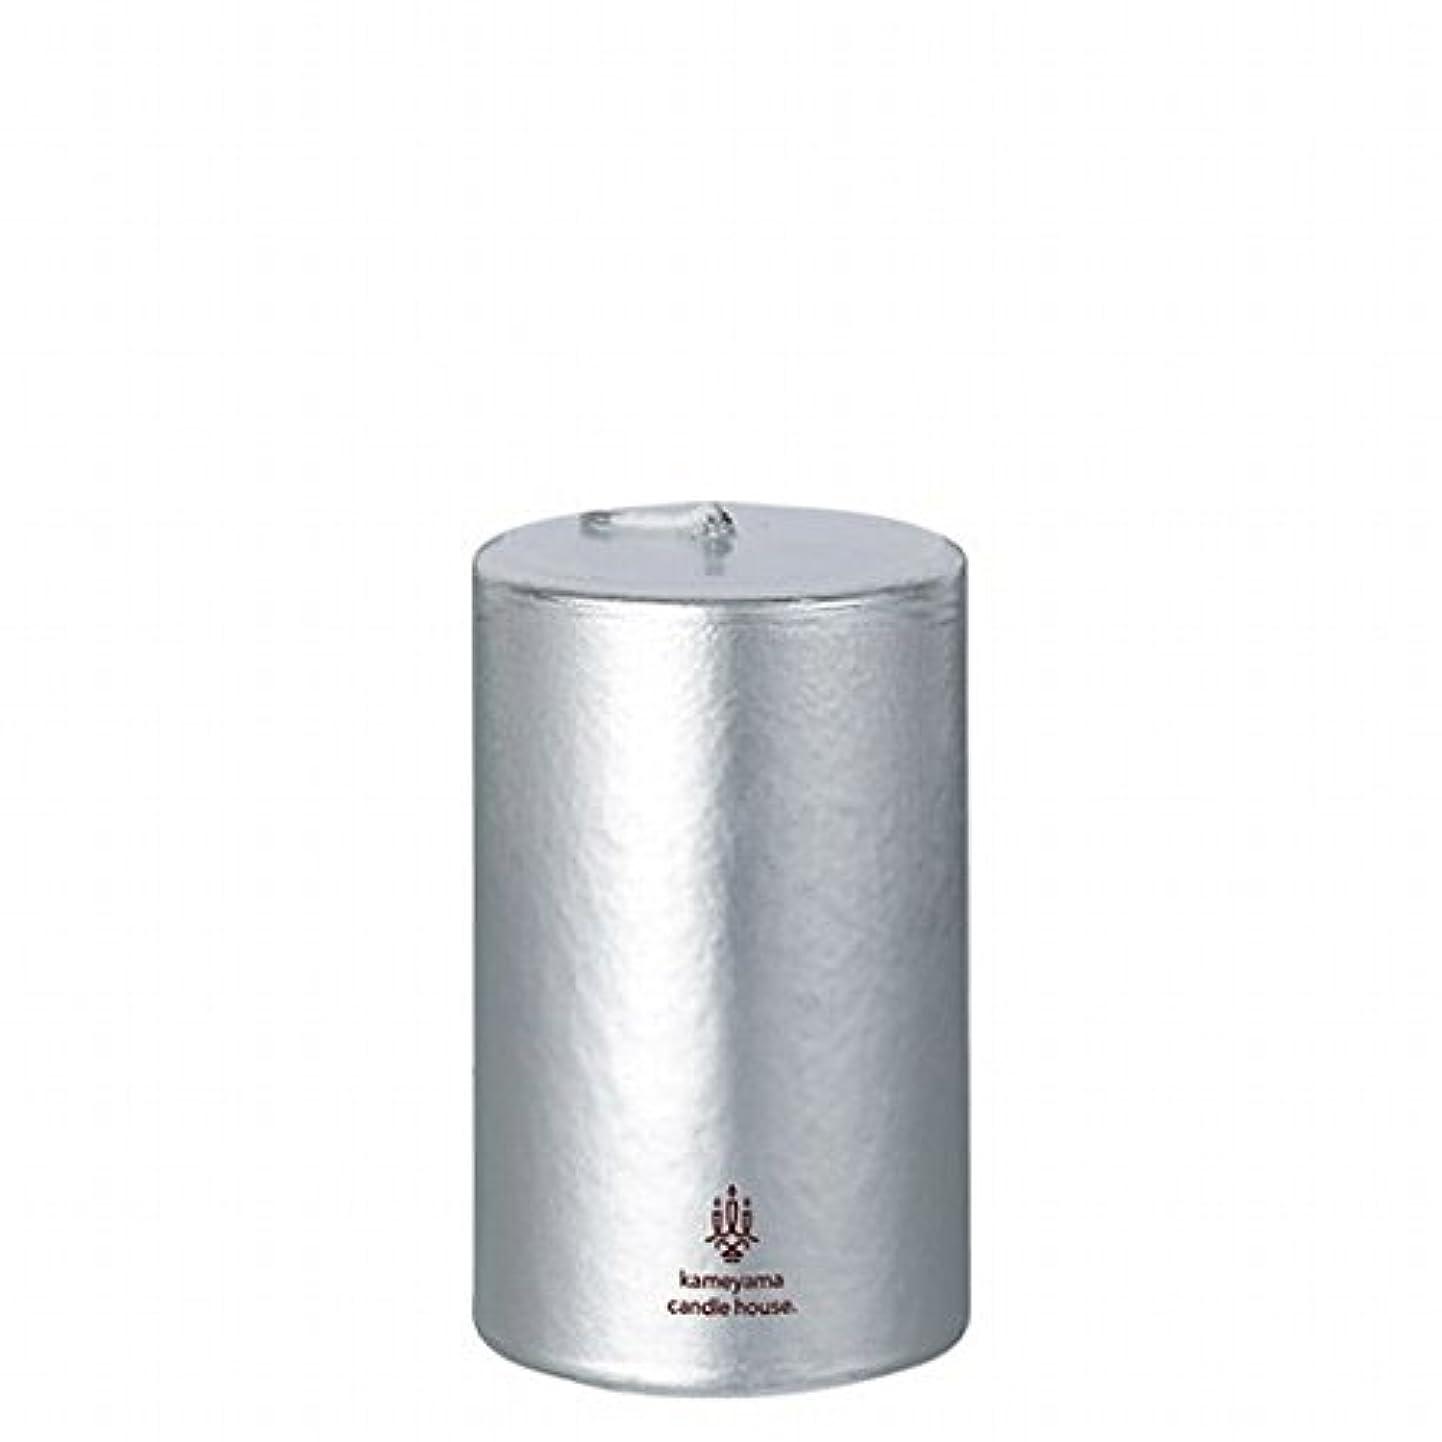 とは異なり狂うボリュームカメヤマキャンドル(kameyama candle) メタリックピラー2×3 「 シルバー 」